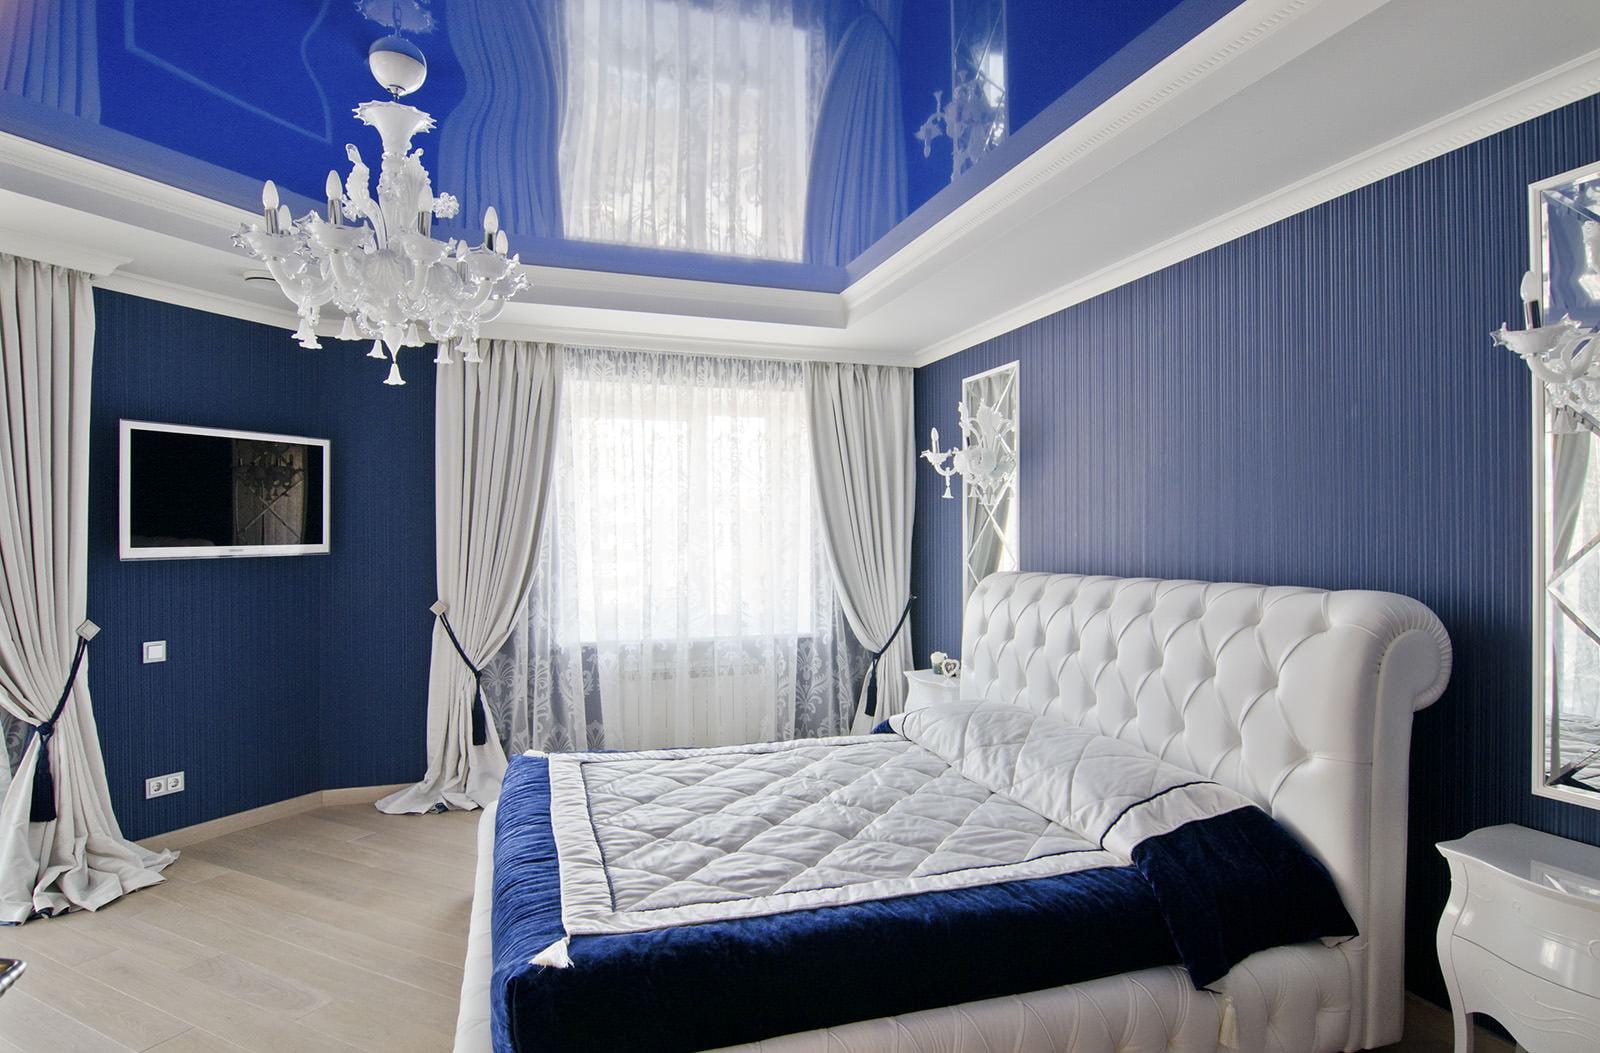 Цвет спальни дизайн фото